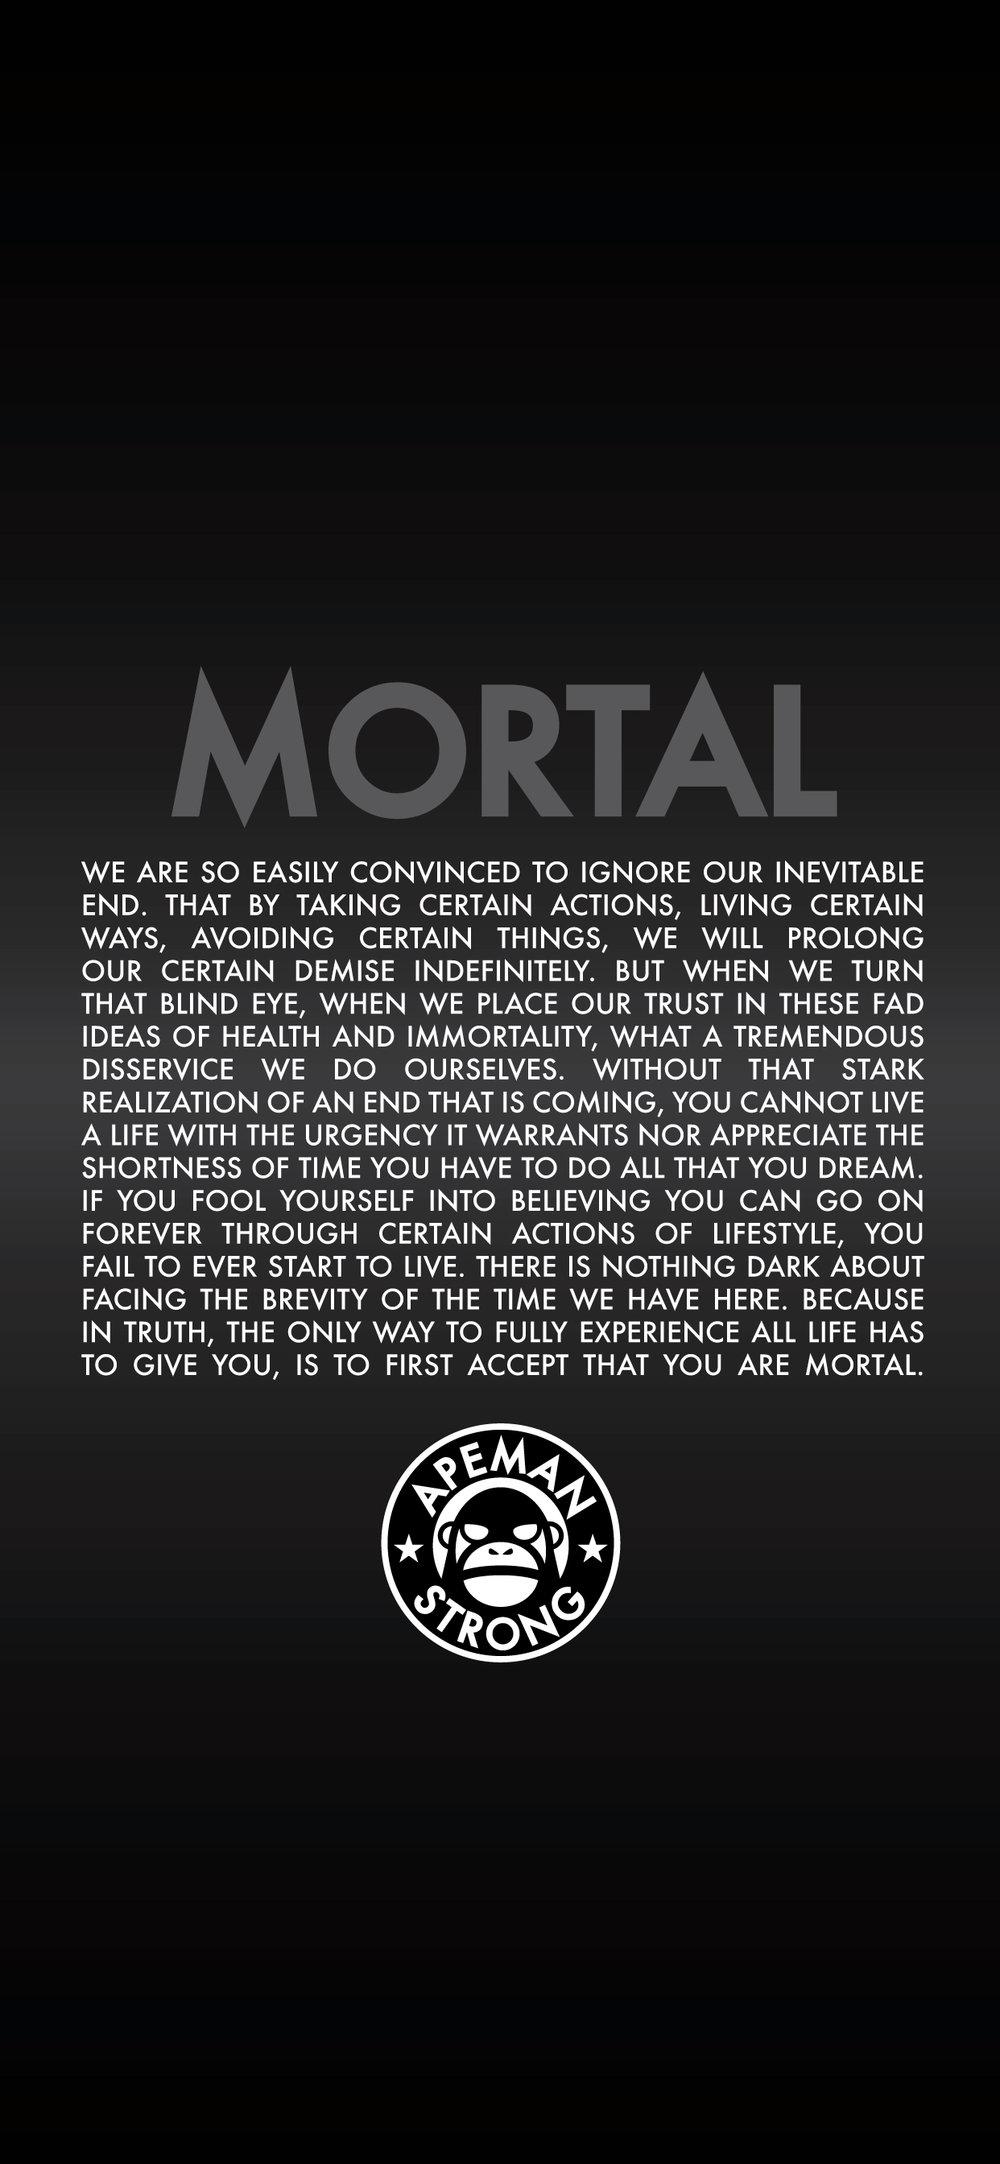 MORTAL.jpg